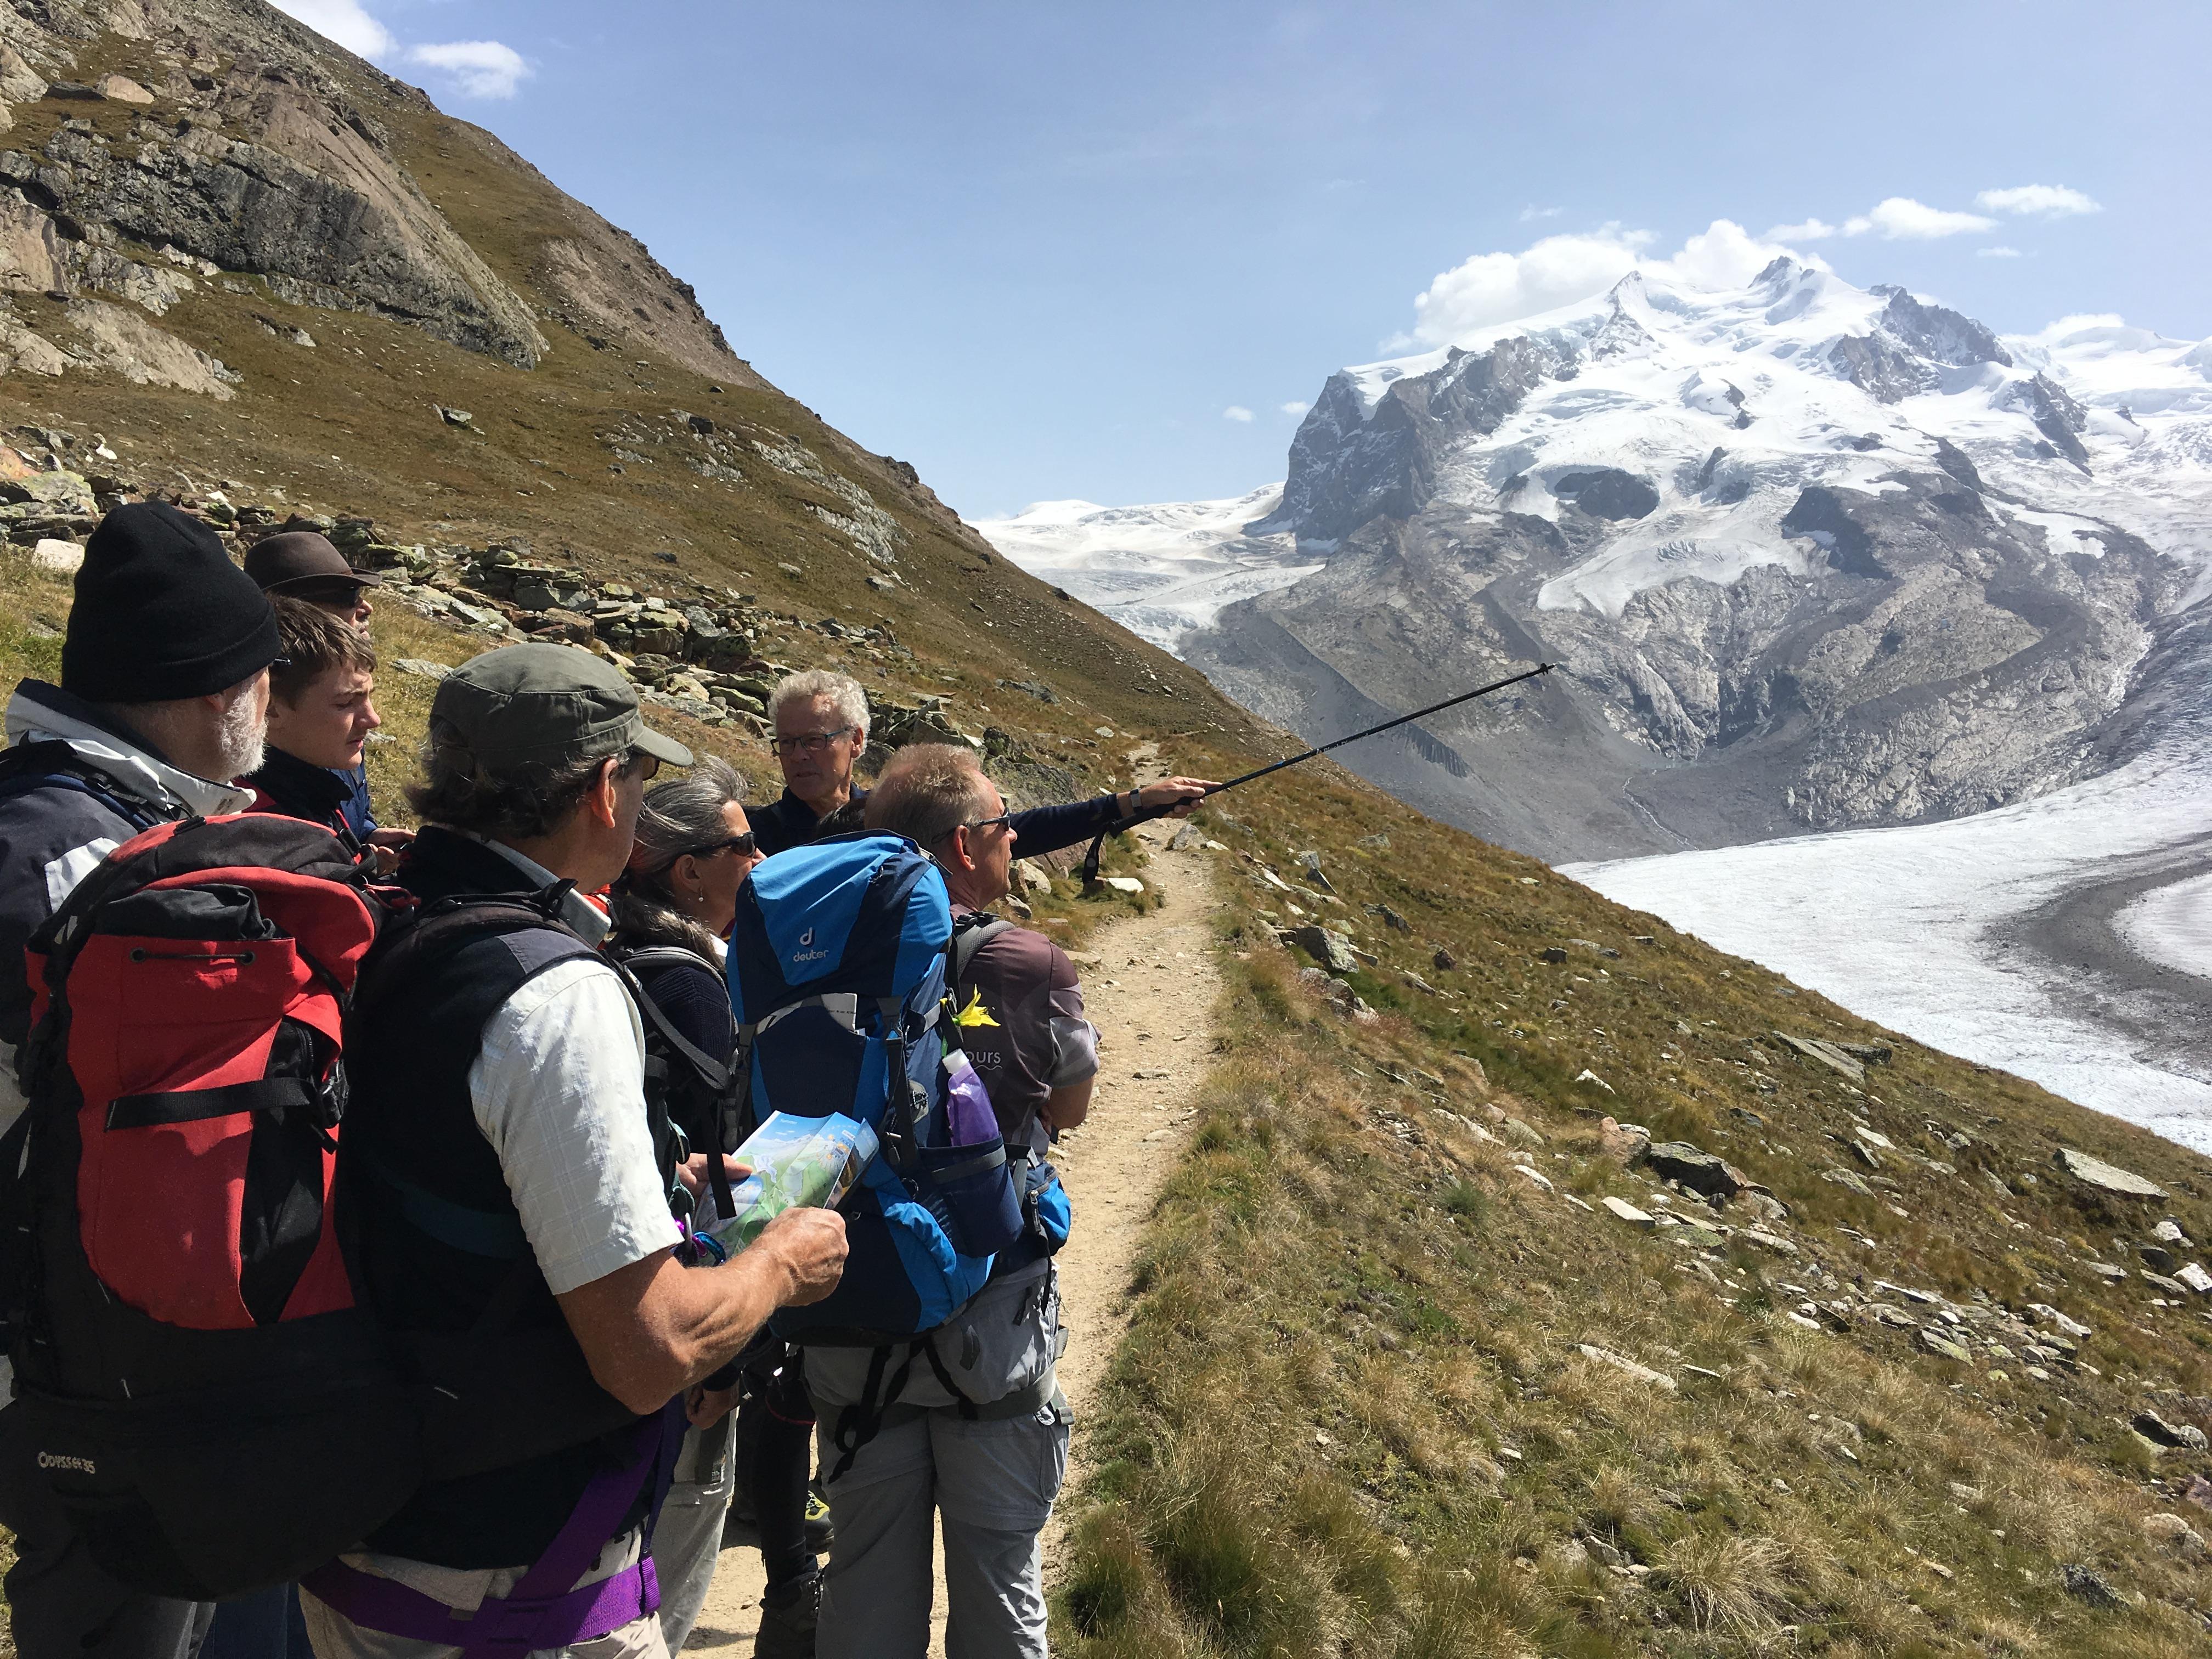 Von hier ist die Monte Rosa Hütte in weiter Ferne schon sichtbar - und dort drüben die Dufourspitze.